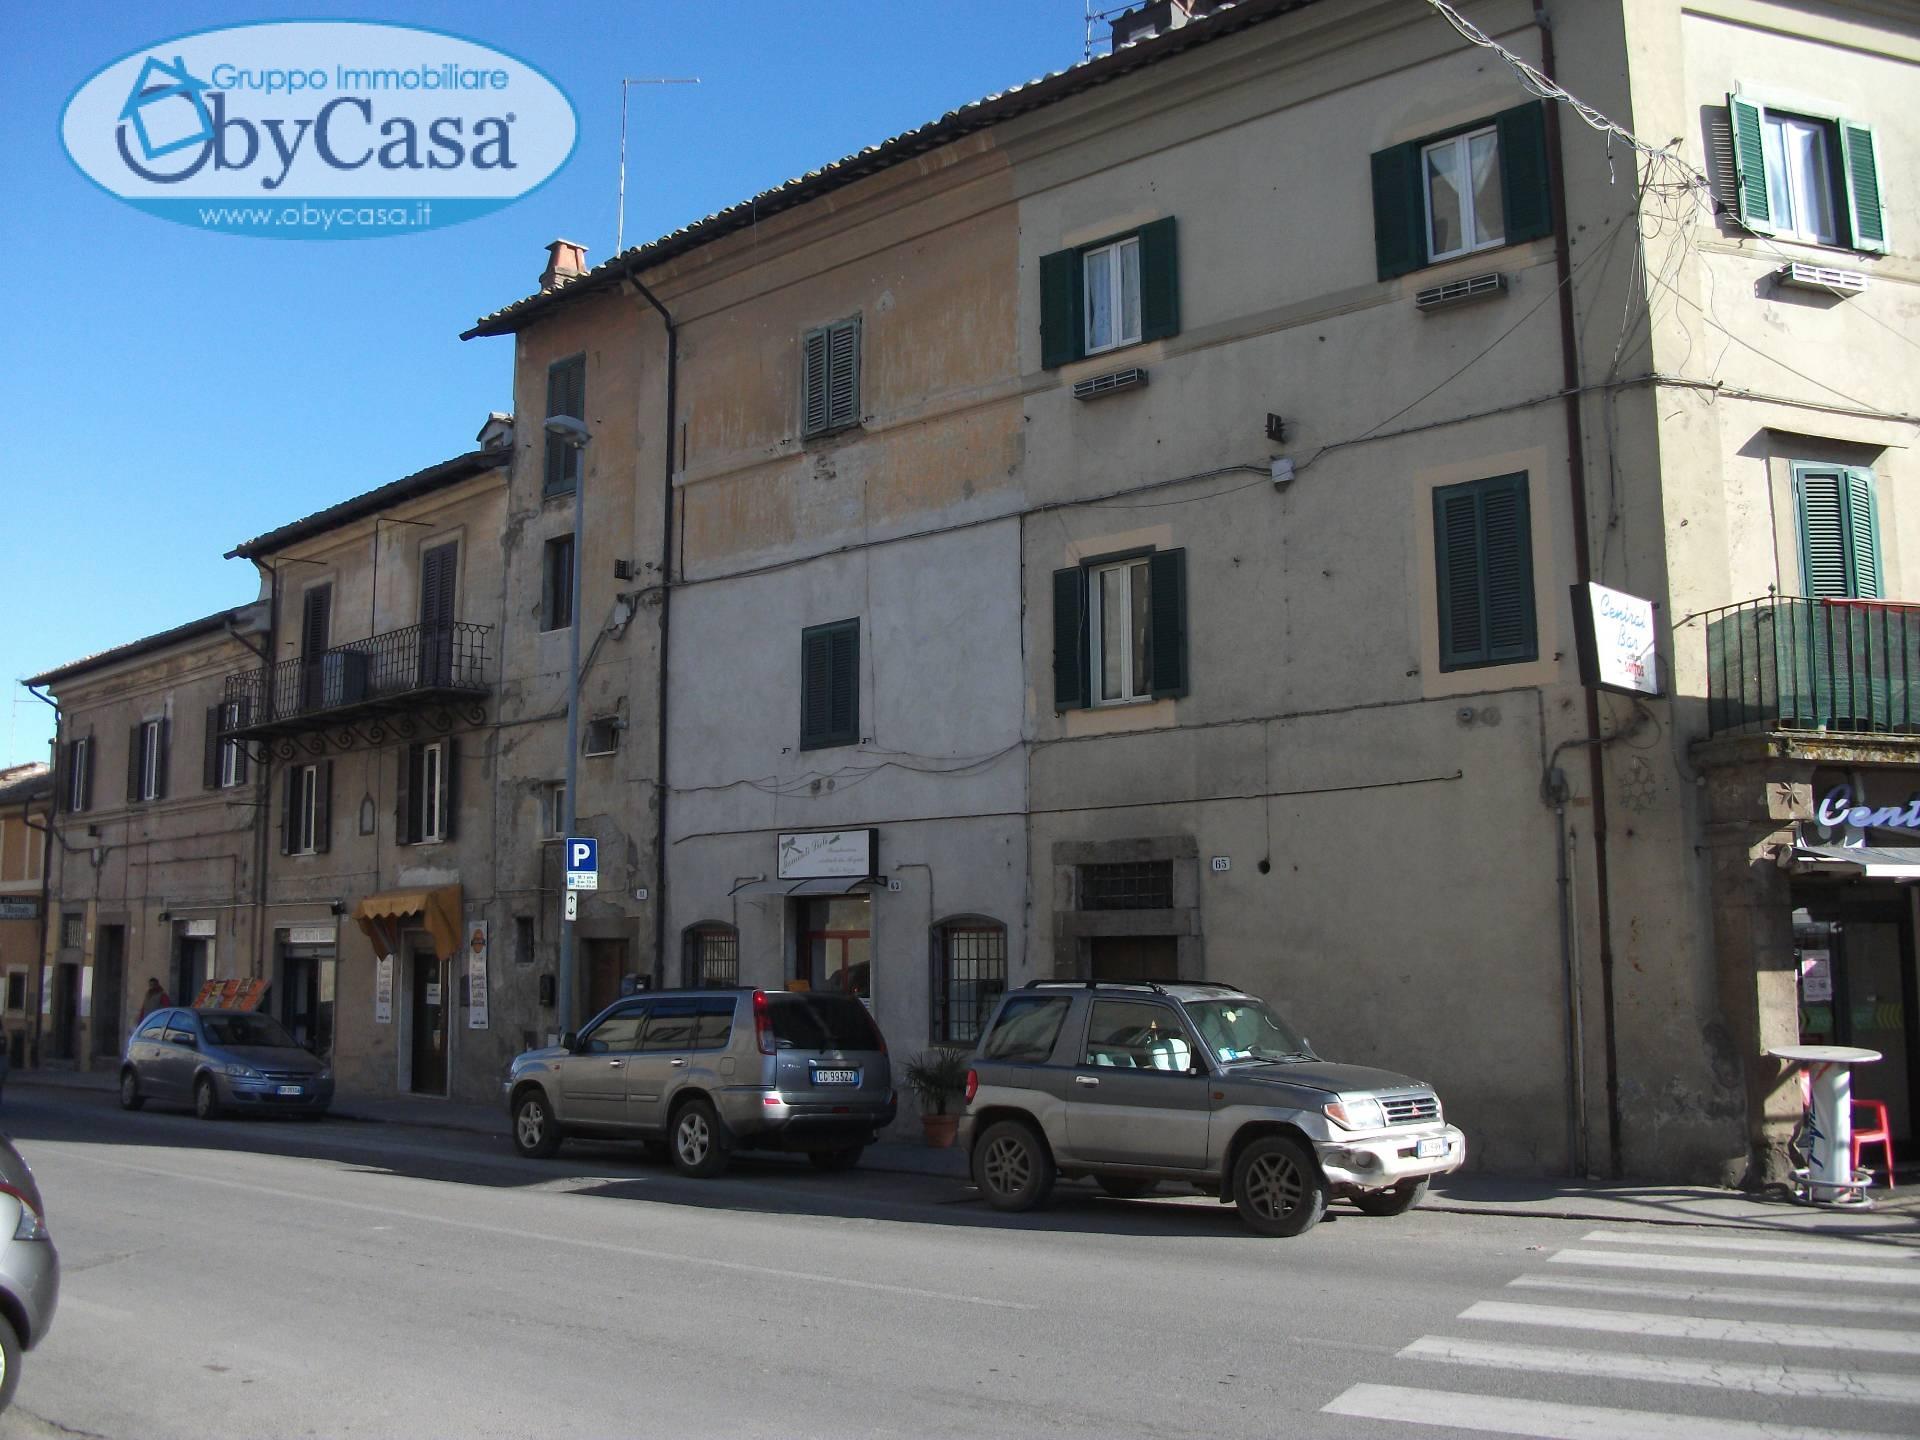 Appartamento in vendita a Oriolo Romano, 3 locali, prezzo € 60.000 | Cambio Casa.it